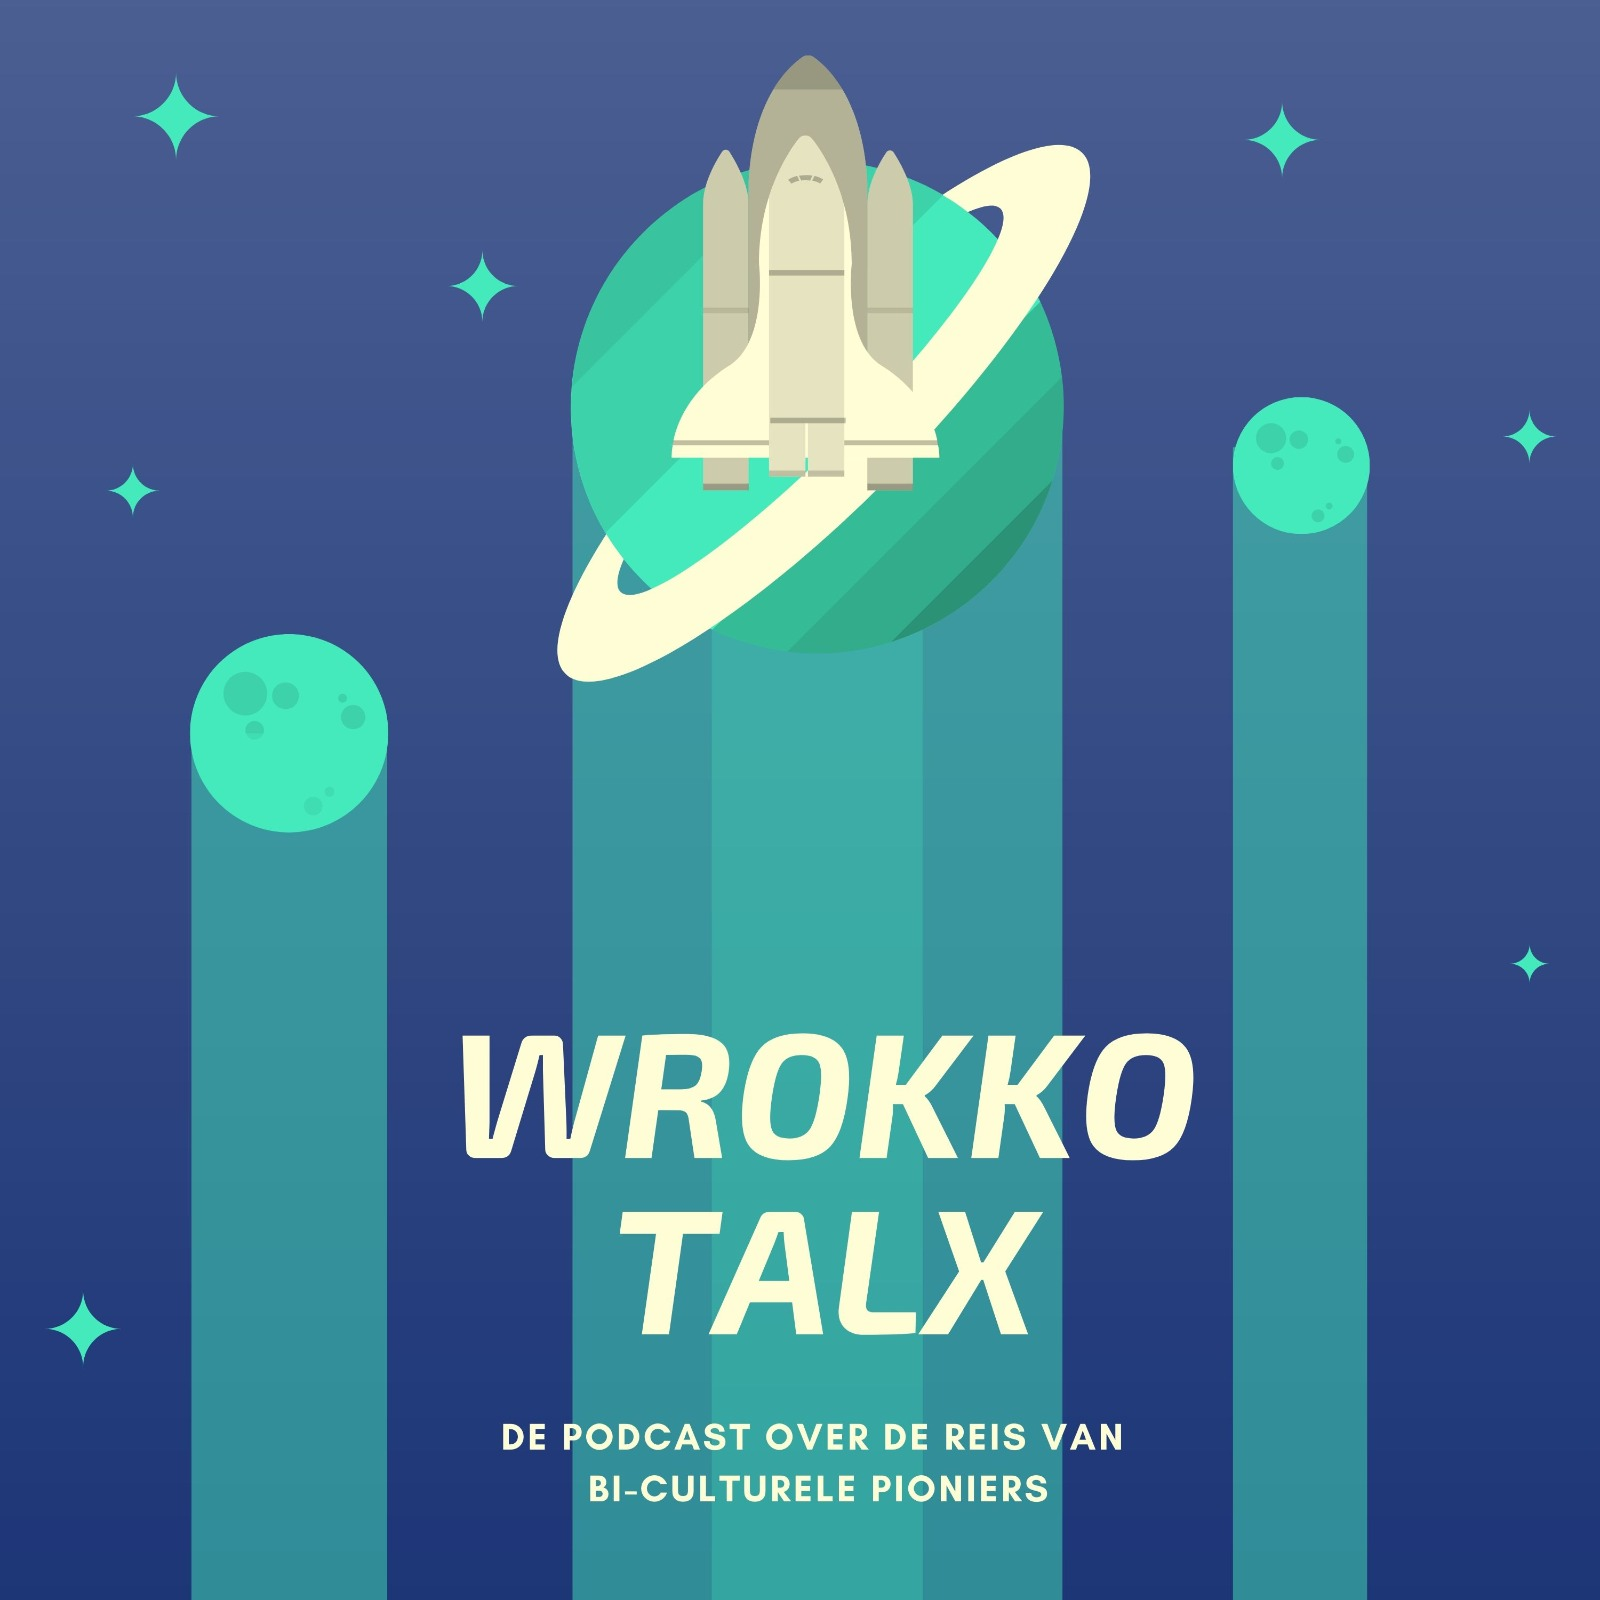 Wrokko TalX